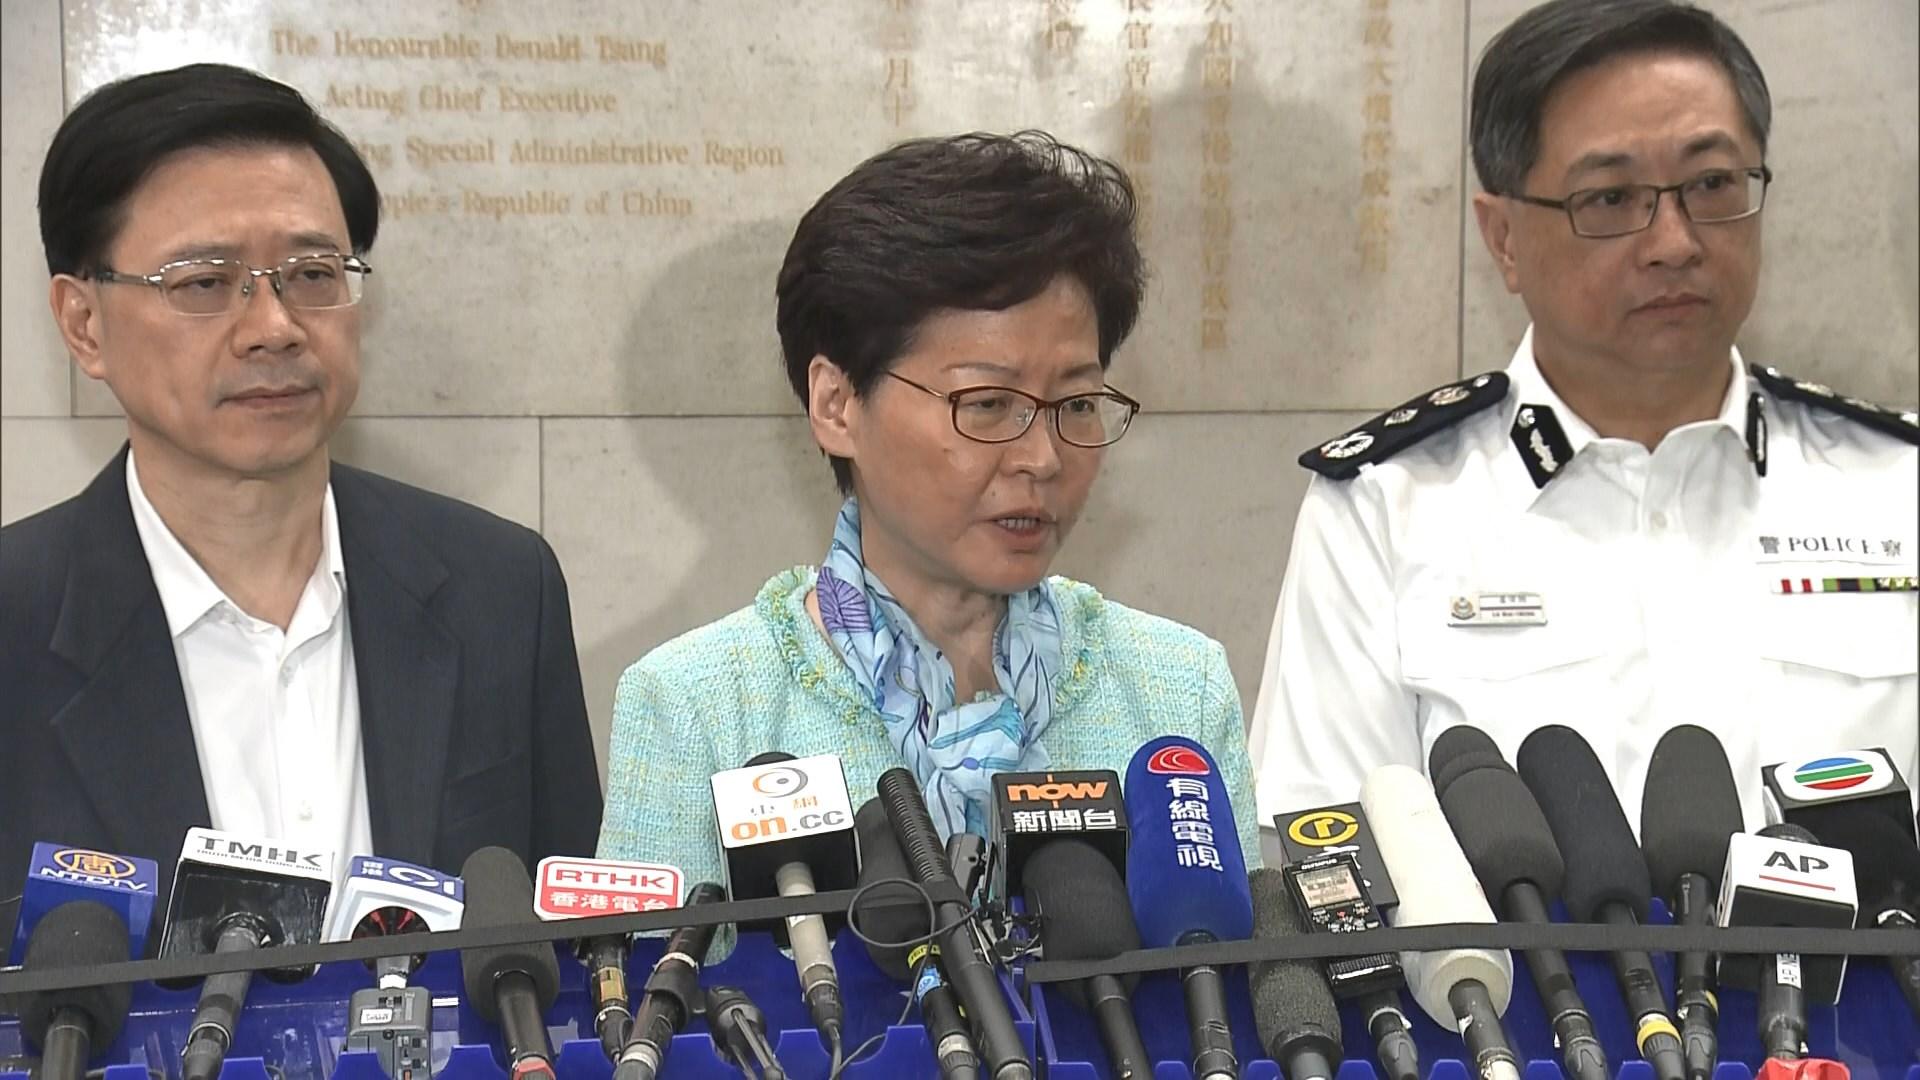 林鄭月娥:對違法行為必定追究到底